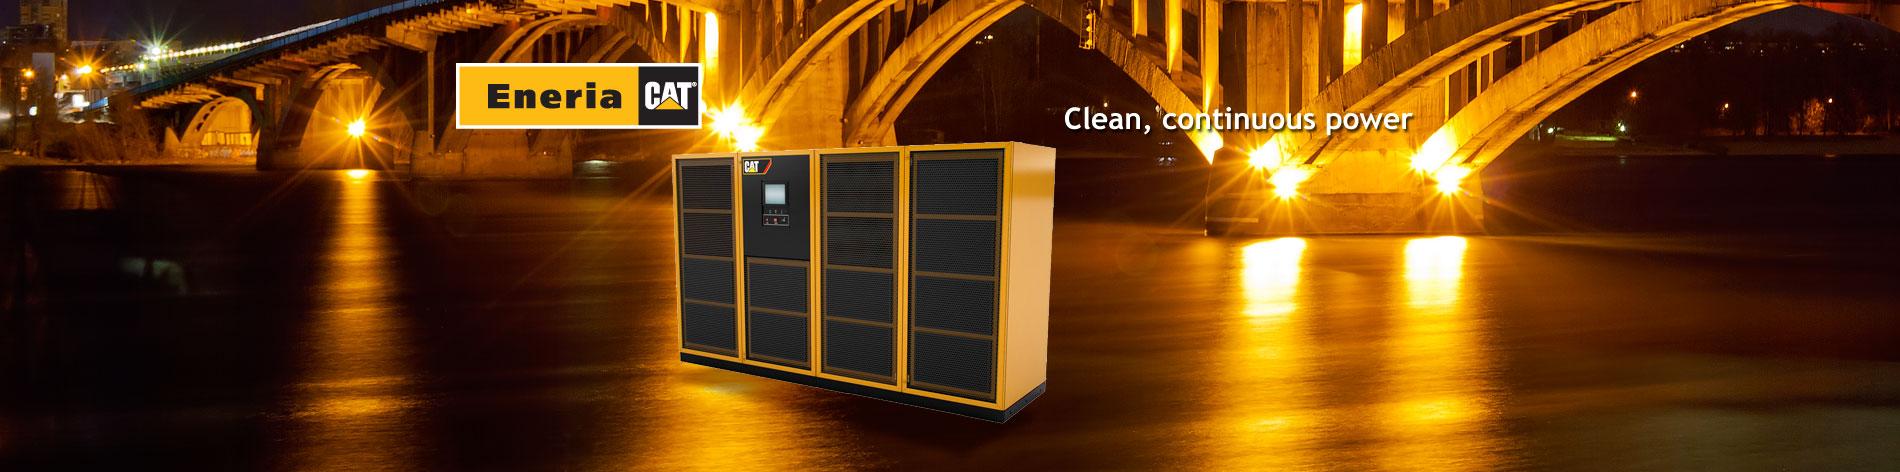 Nous offrons des systèmes d'alimentation électrique sans coupure se caractérisant par leur grande fiabilité et leur capacité à compenser automatiquement tous les défauts d'alimentation.